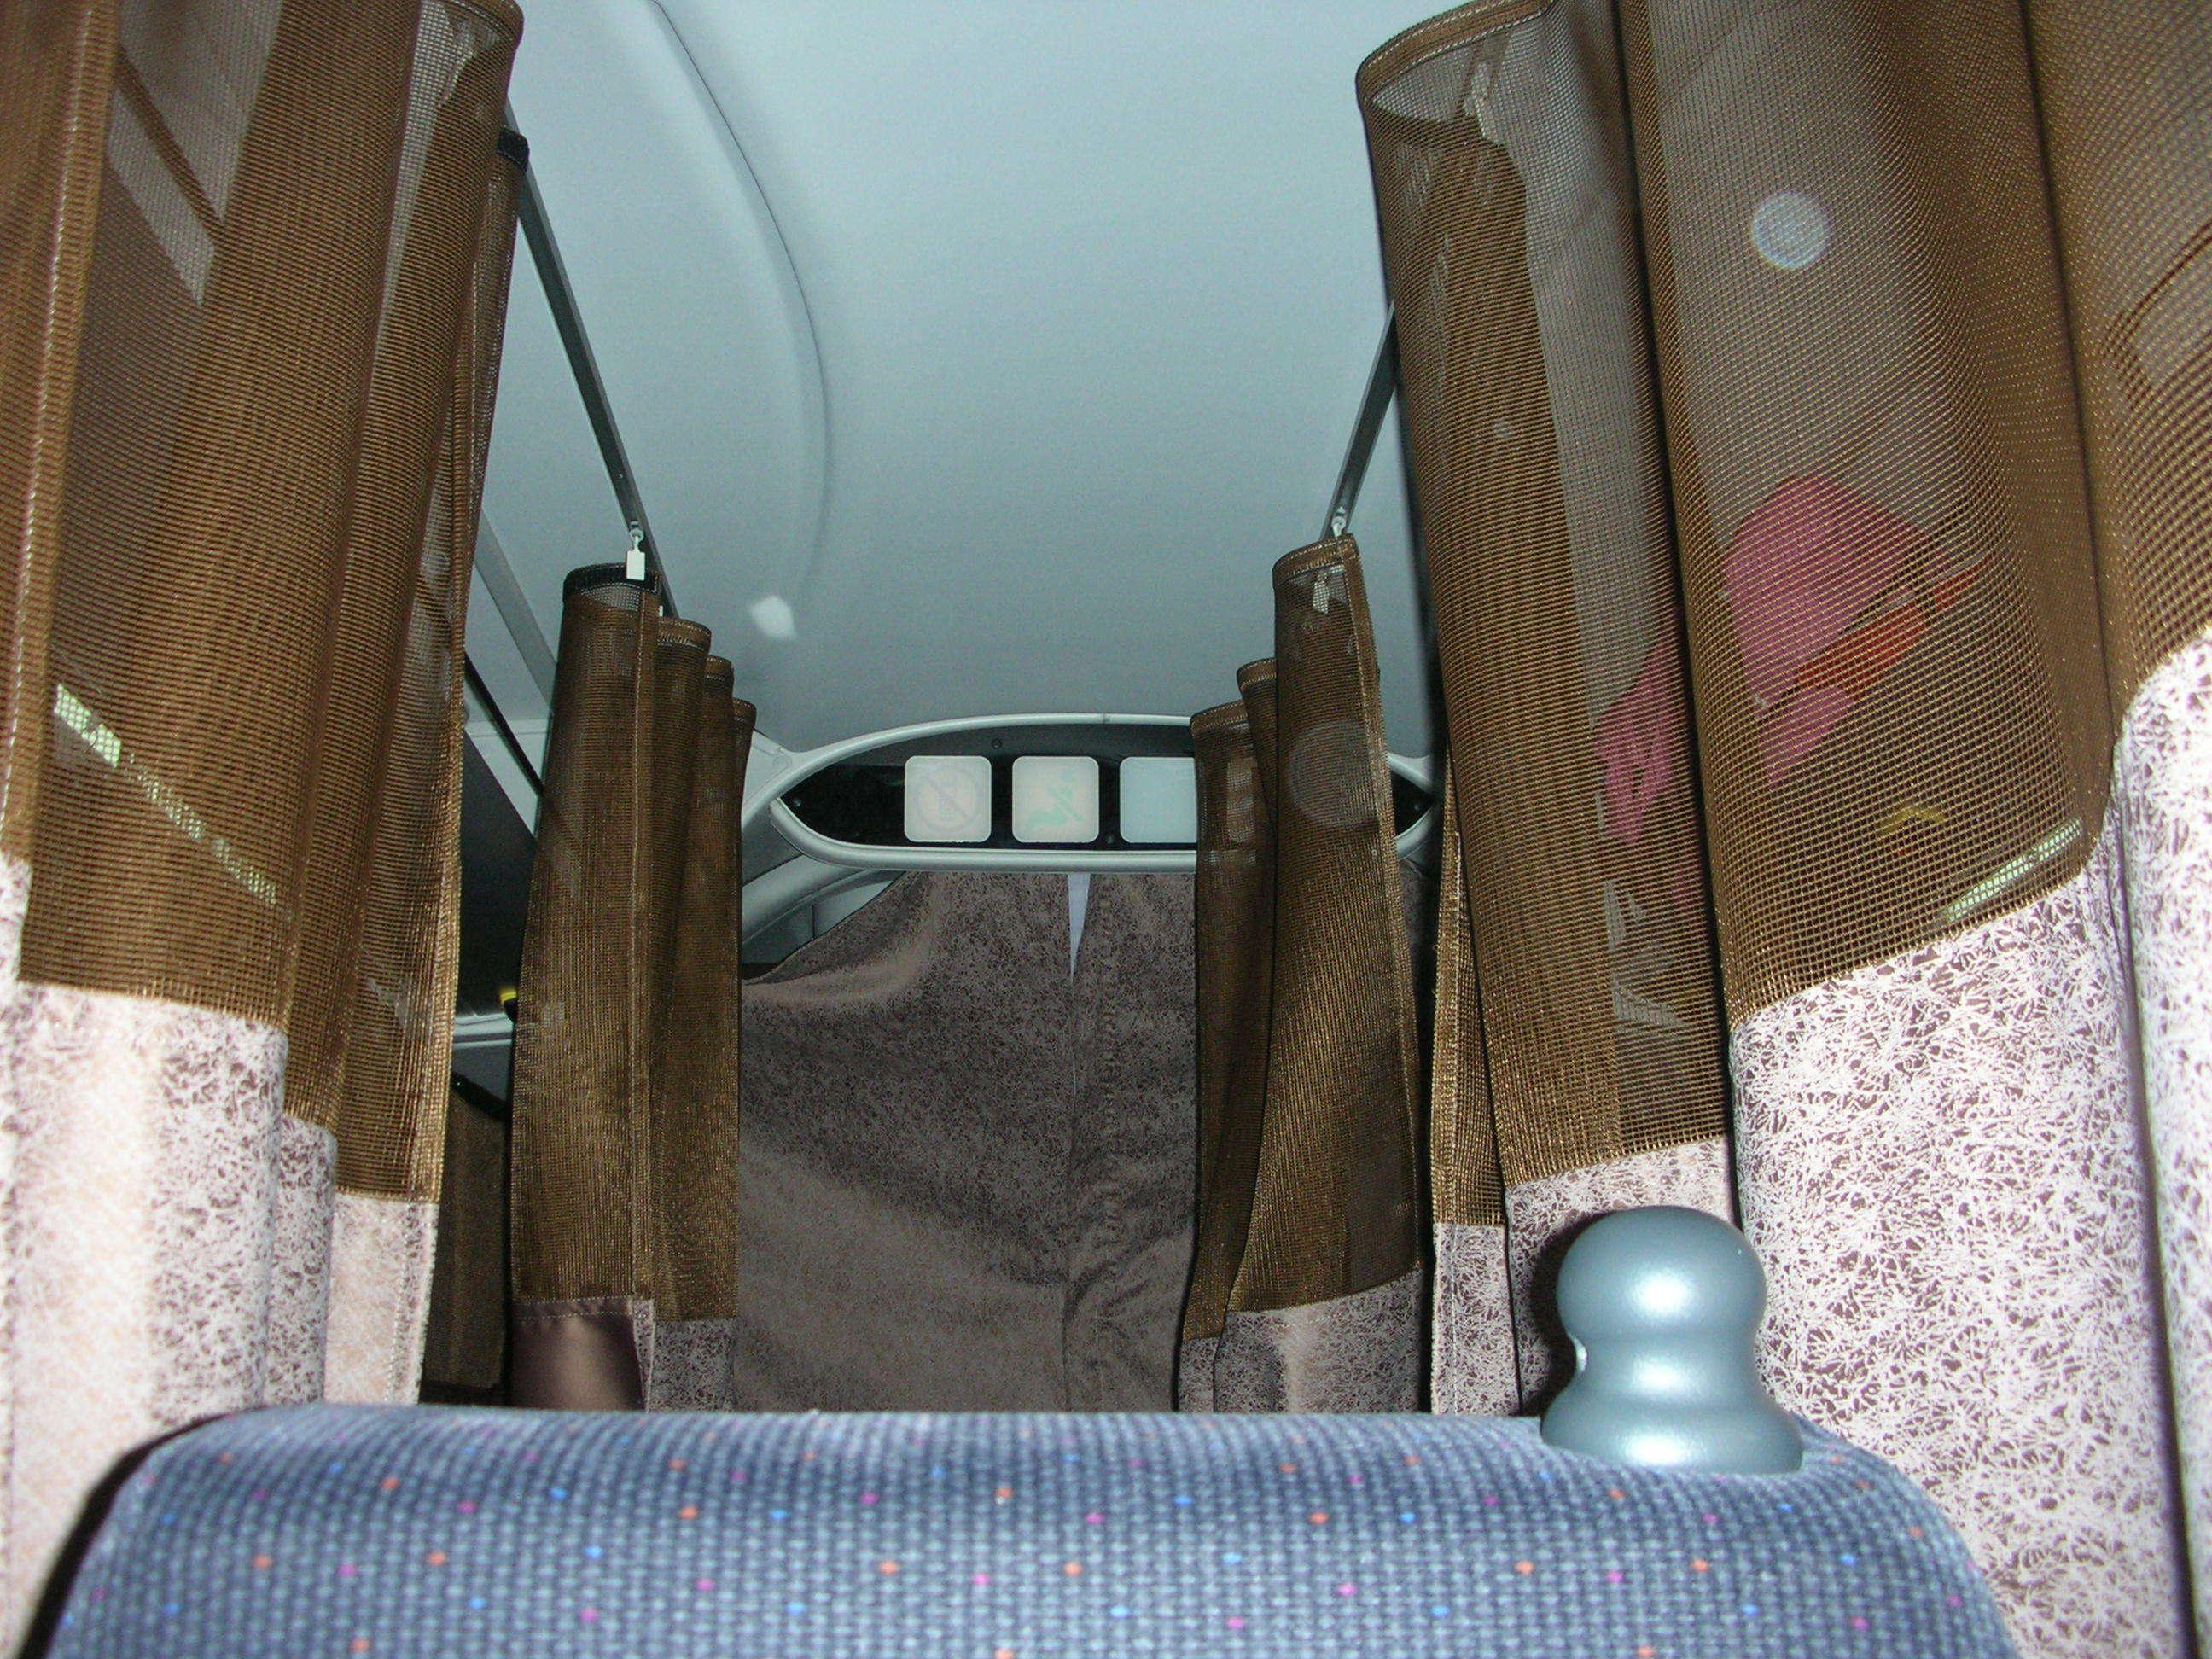 思ったより狭い、バスの中でカーテンで仕切られていてどこを走っているのかわからない。新宿バスタに翌AM5:50着